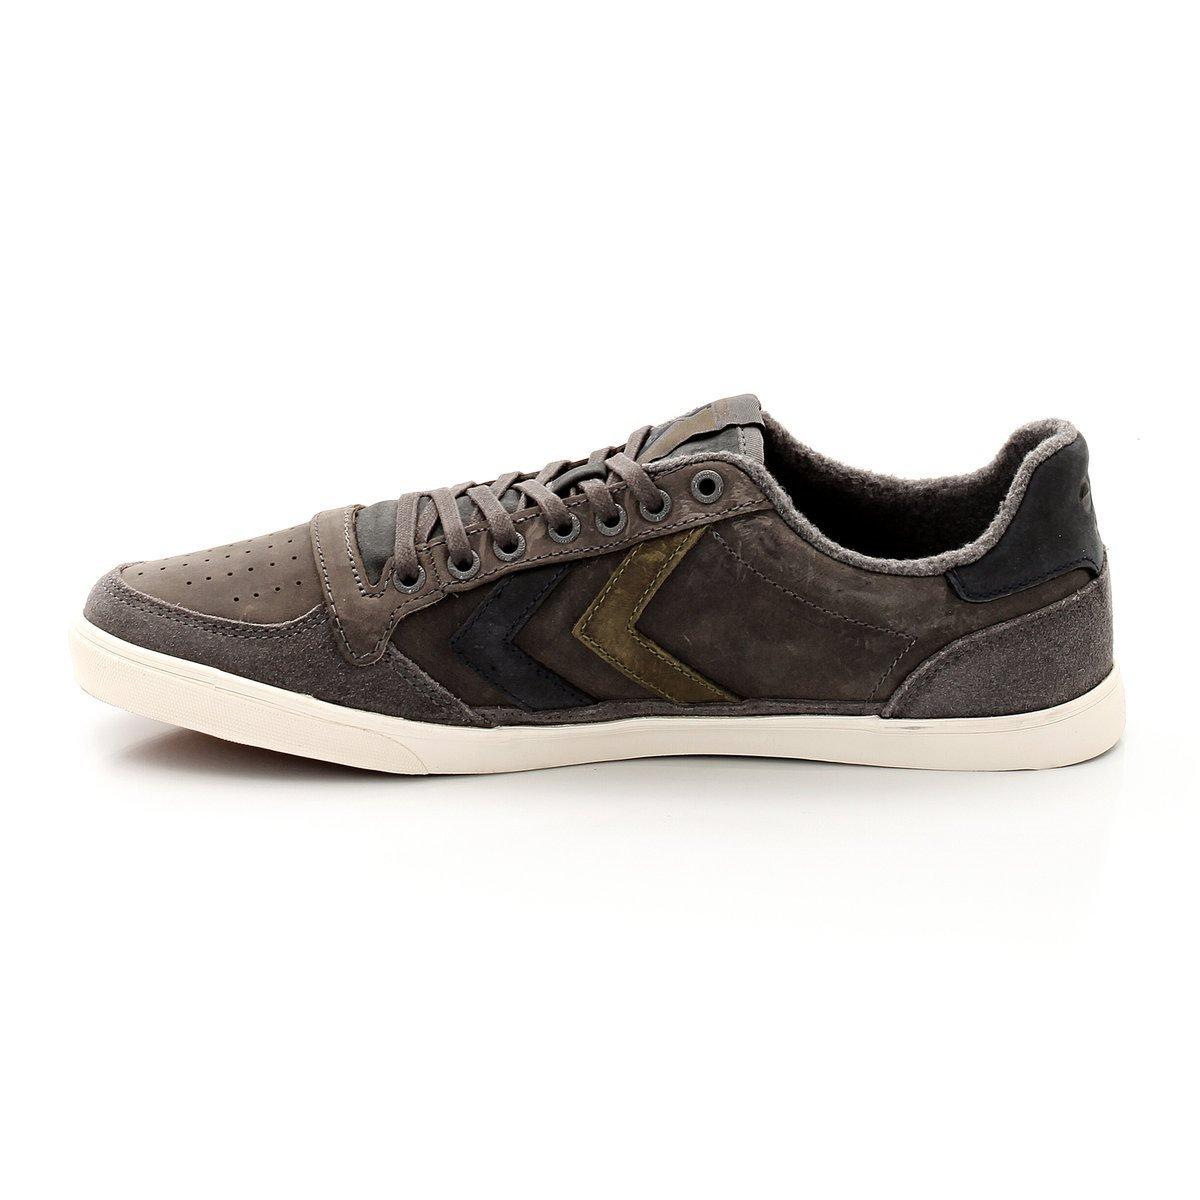 Hummel Schuhe Slimmer Stadil Oiled Low 63907-2600 Castle Rock Schuhgröße 42 xYgCepE